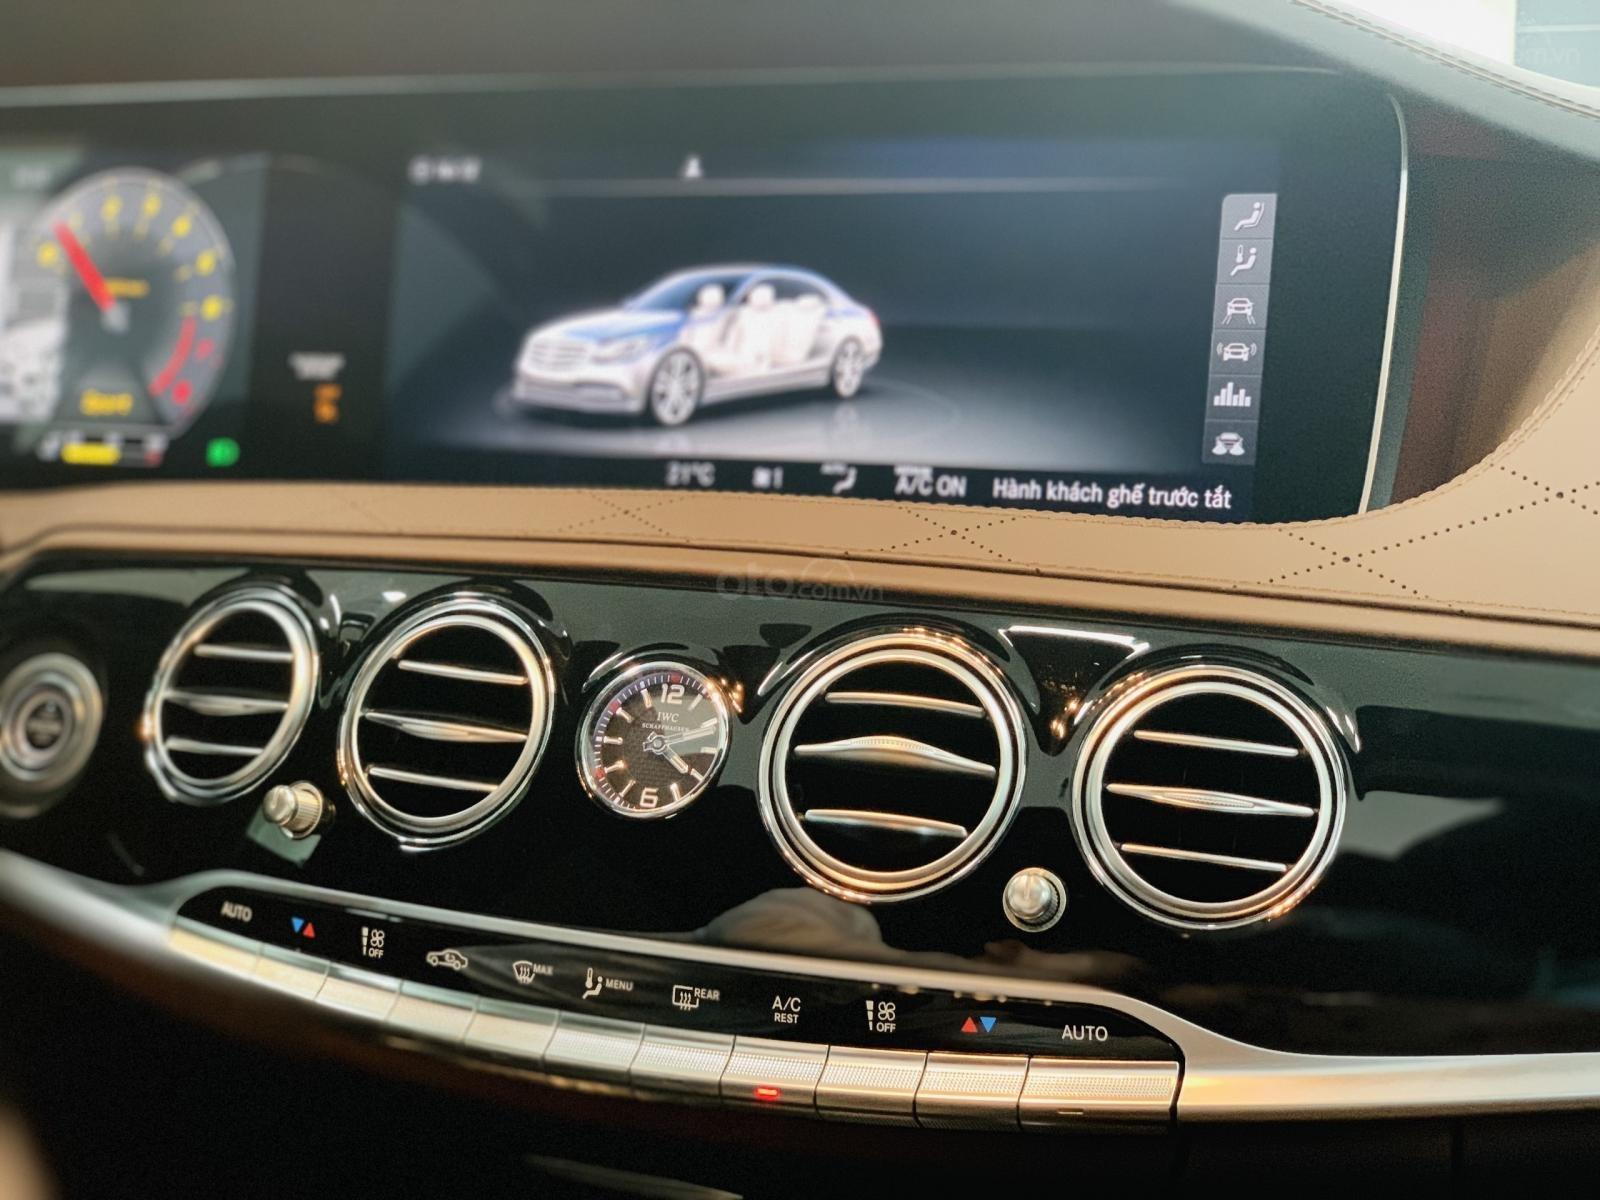 Cơ hội để sở hữu xe Maybach S450 model 2020 với giá bán tốt nhất ngay thời điểm này (10)